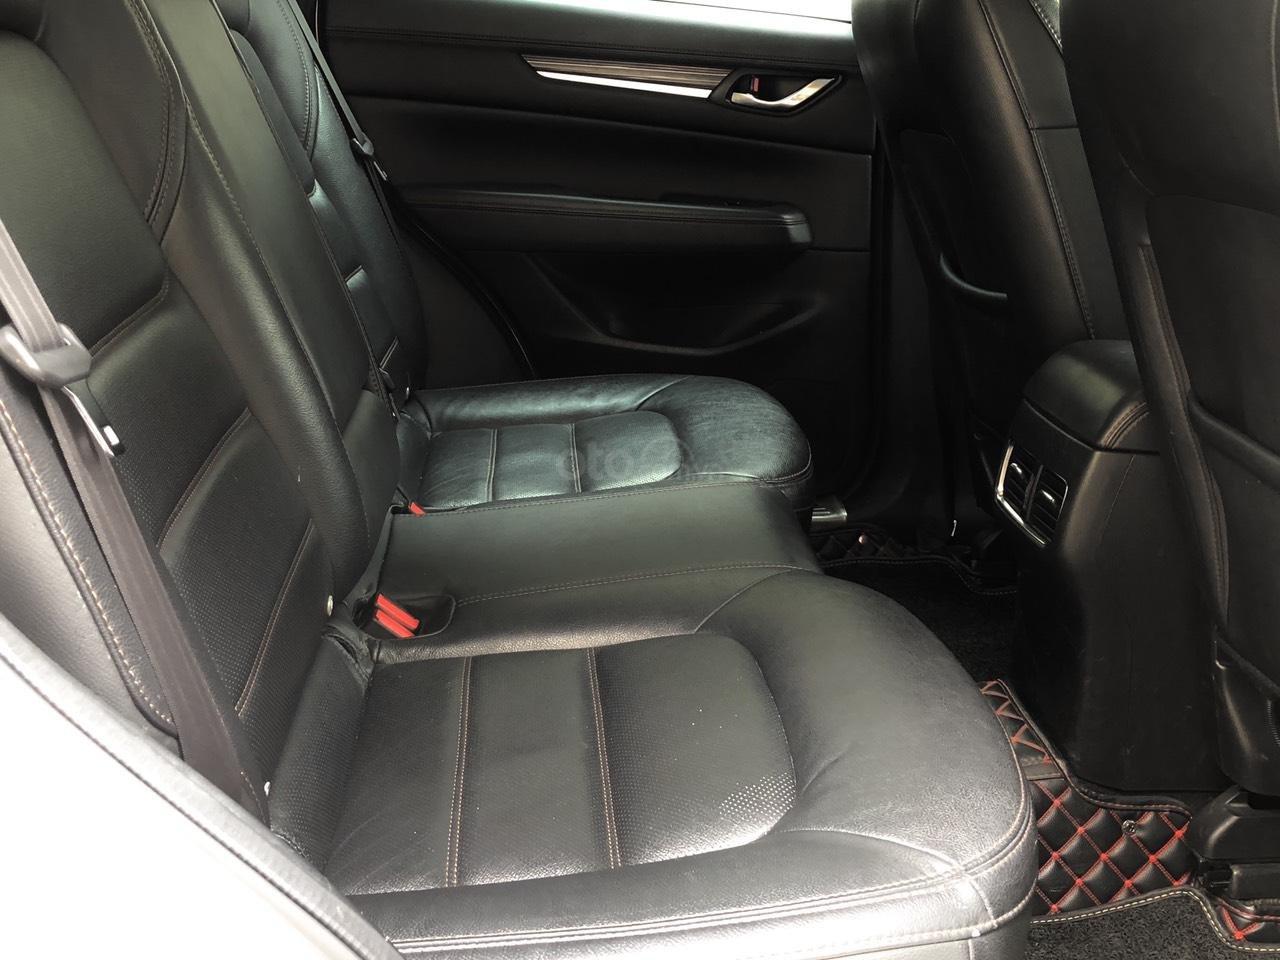 [Hot] bán nhanh Mazda CX5 2.5 đời 2018 màu trắng, xe 1 chủ từ đầu biển HN, xe đẹp không 1 lỗi nhỏ (12)